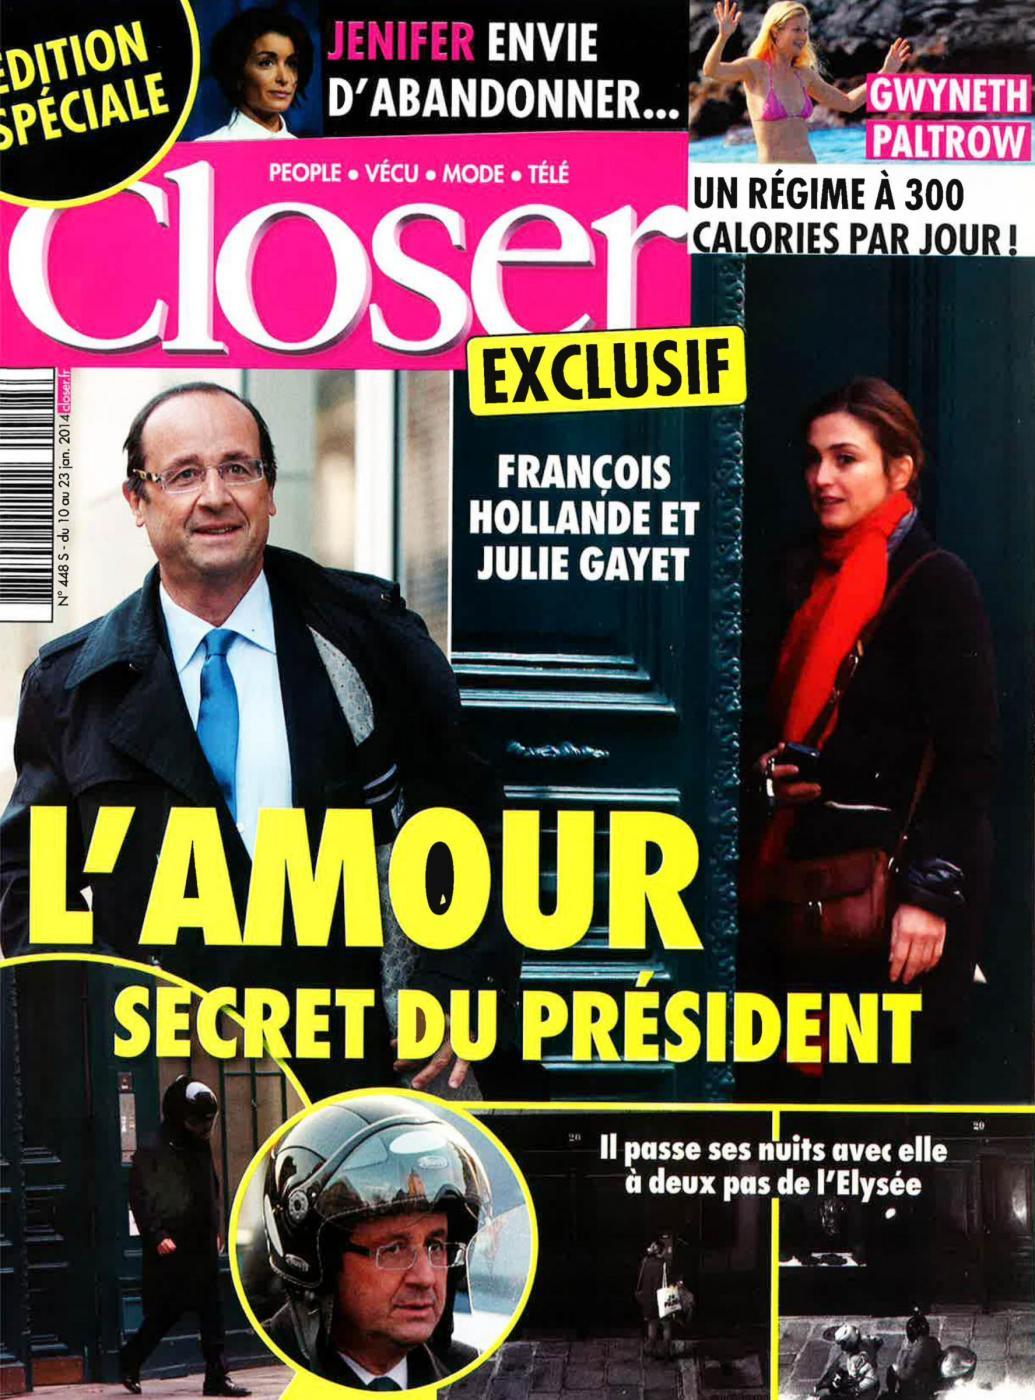 La rivista Closer con le immagini dell'incontro amoroso tra il Presidente Francois Hollande e l'attrice Julie Gayet.